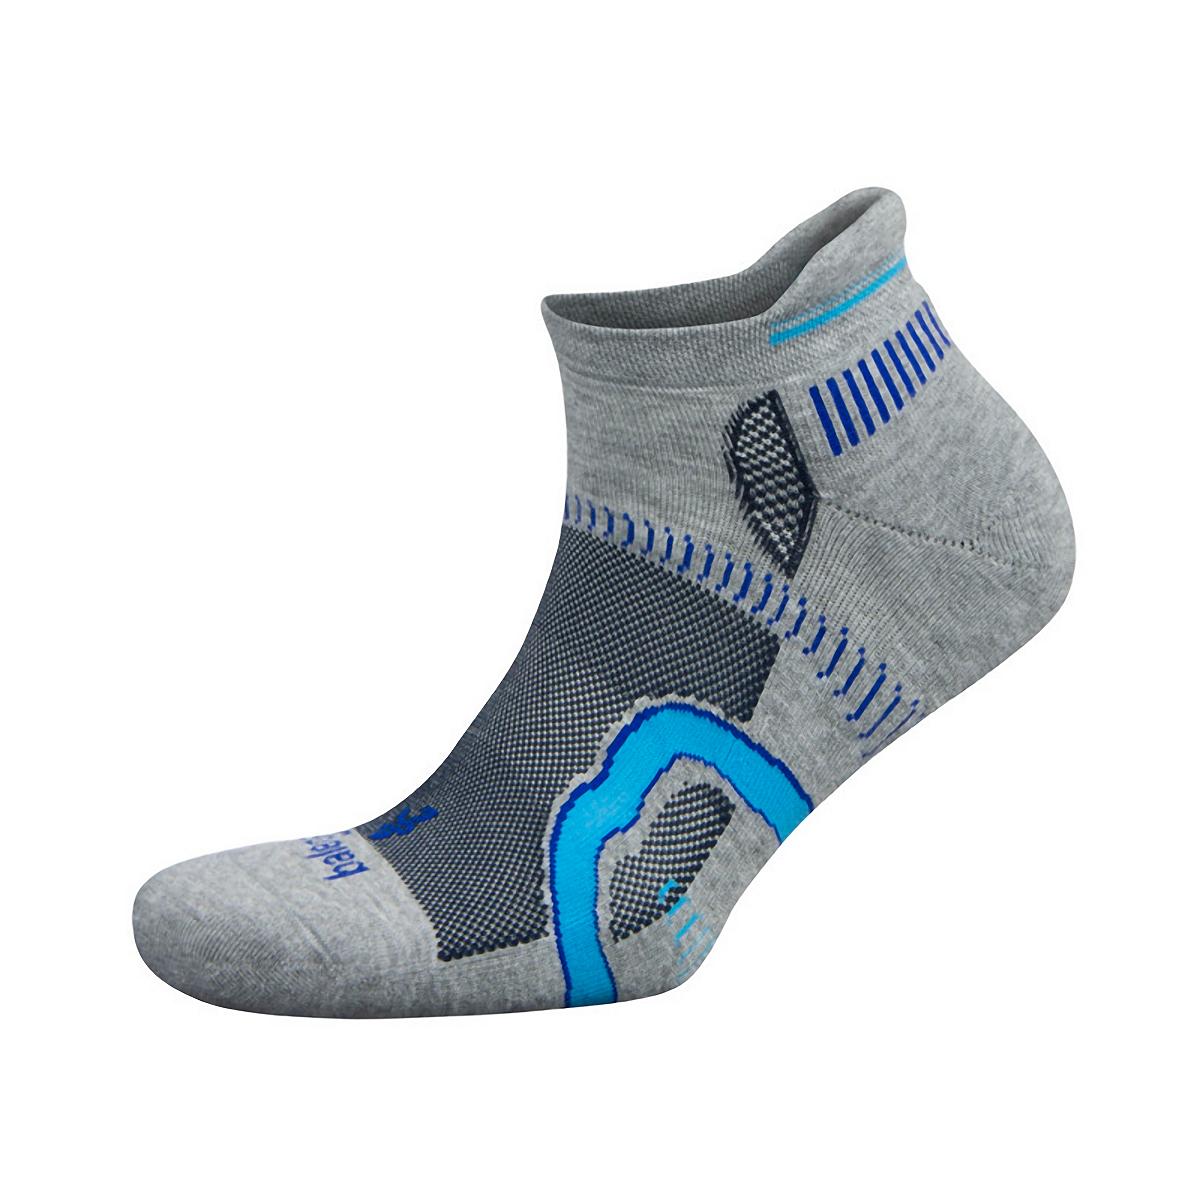 Balega Hidden Contour Socks - Color: Mid Grey/Ink Size: XL, Mid Grey/Ink, large, image 1